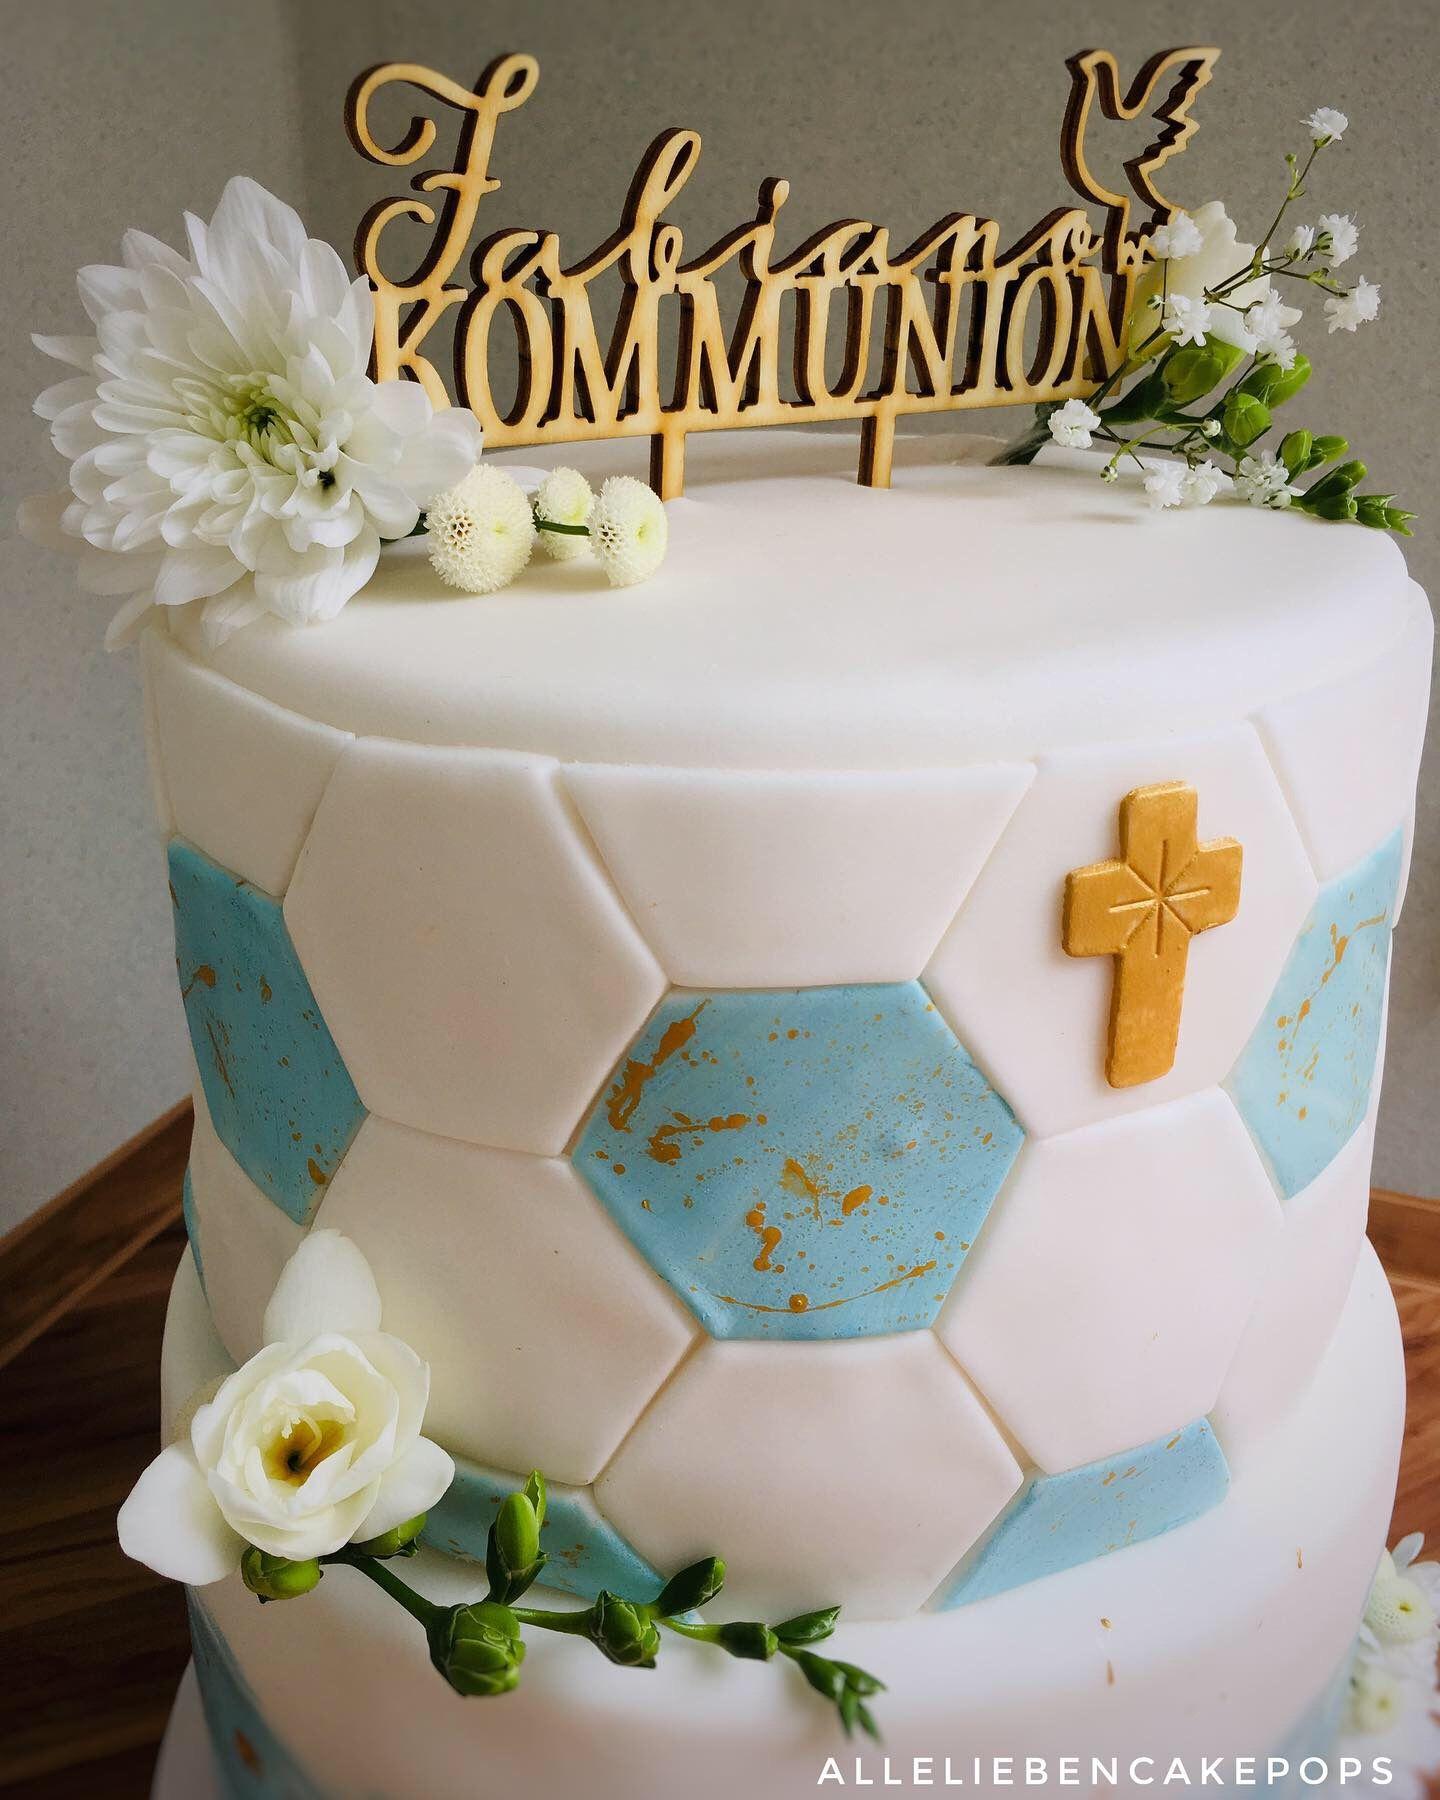 Communioncake Boy Kommunion Torte Torten Zur Erstkommunion Torte Konfirmation